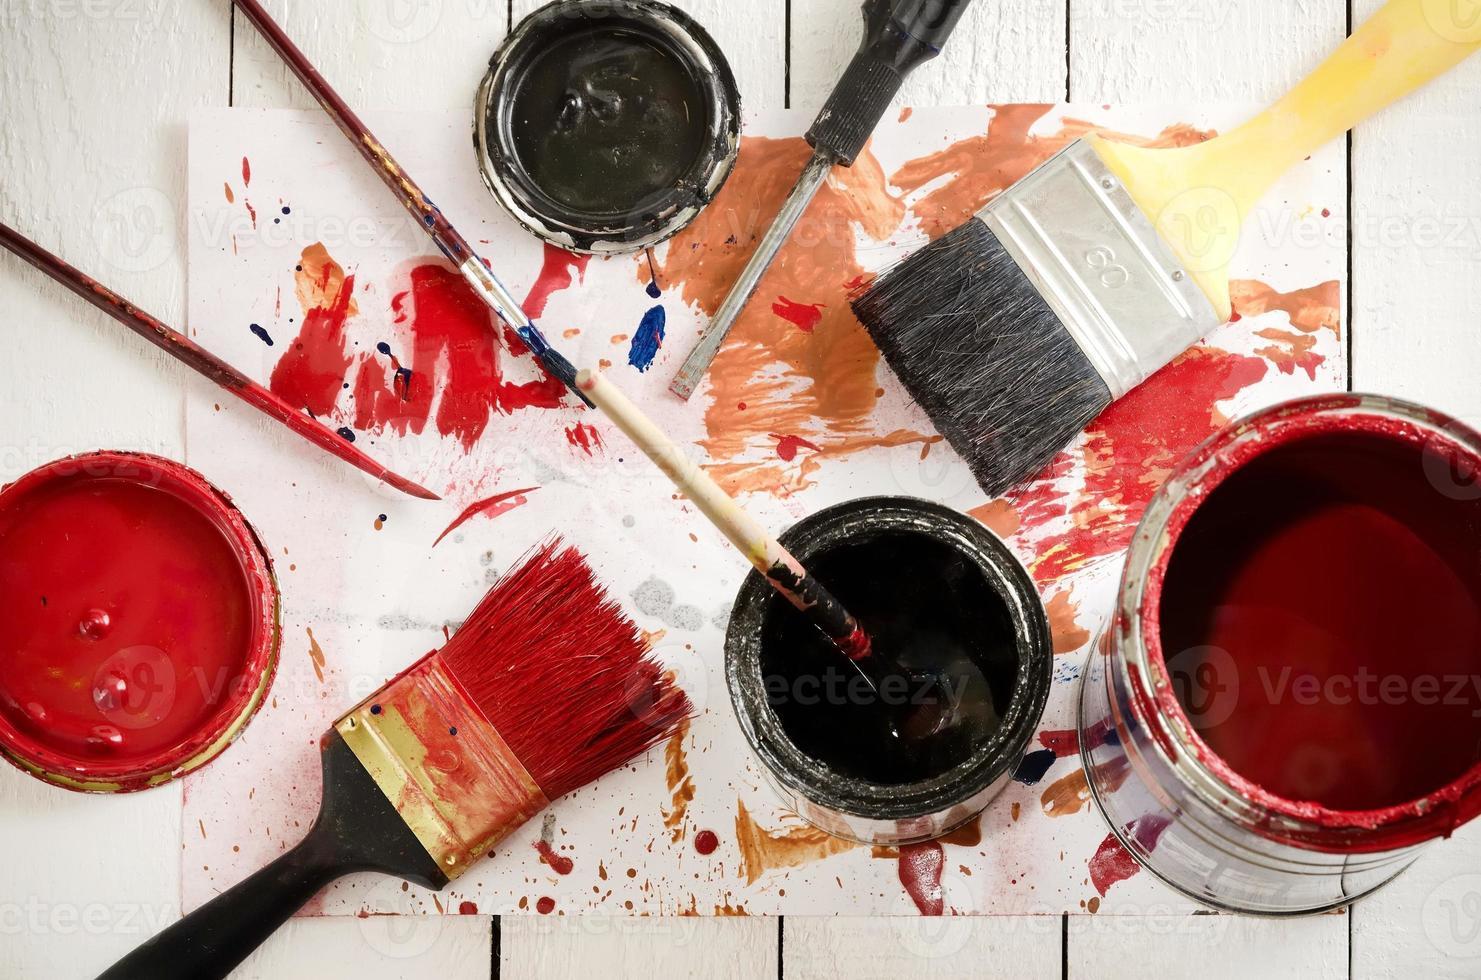 pinceles y pinturas. foto